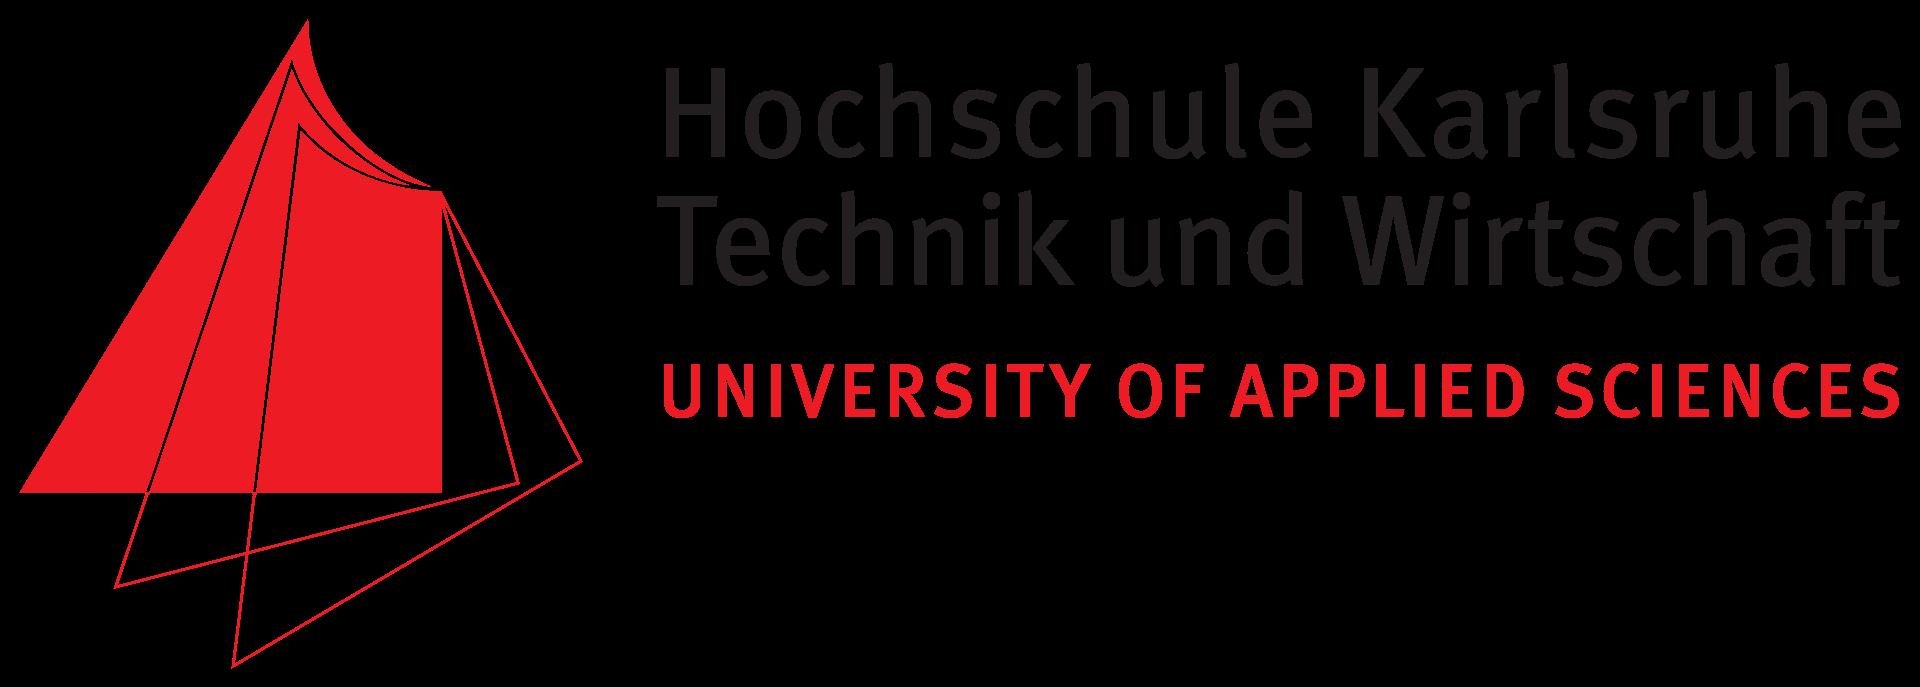 Hochschule Karlsruhe – Technik und Wirtschaft | Karlsruhe University of Applied Sciences